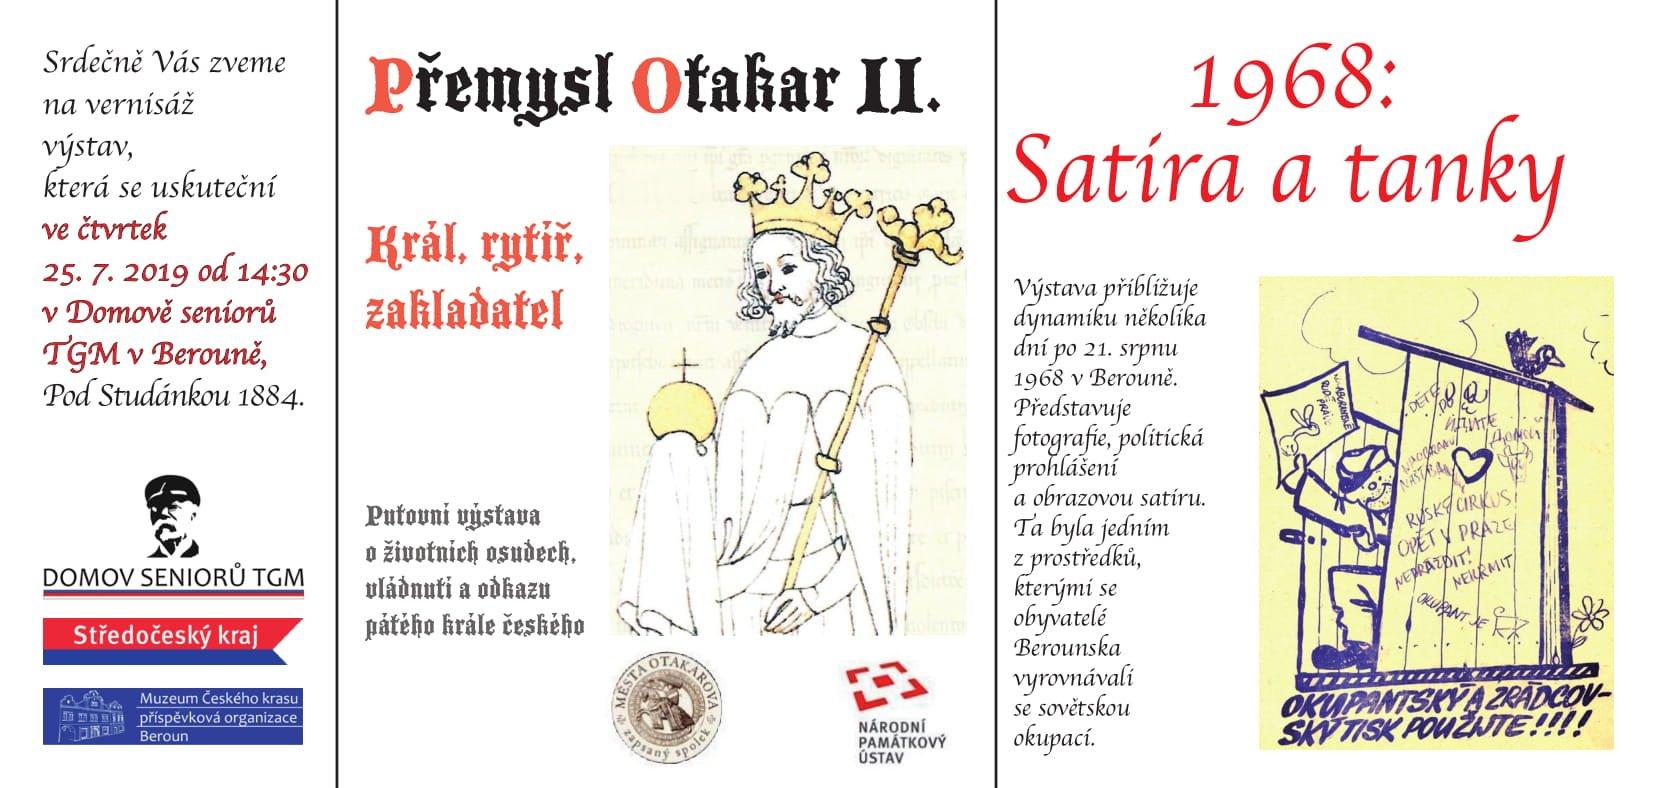 Pozvanka_vystava_Otakar-satira2019-1